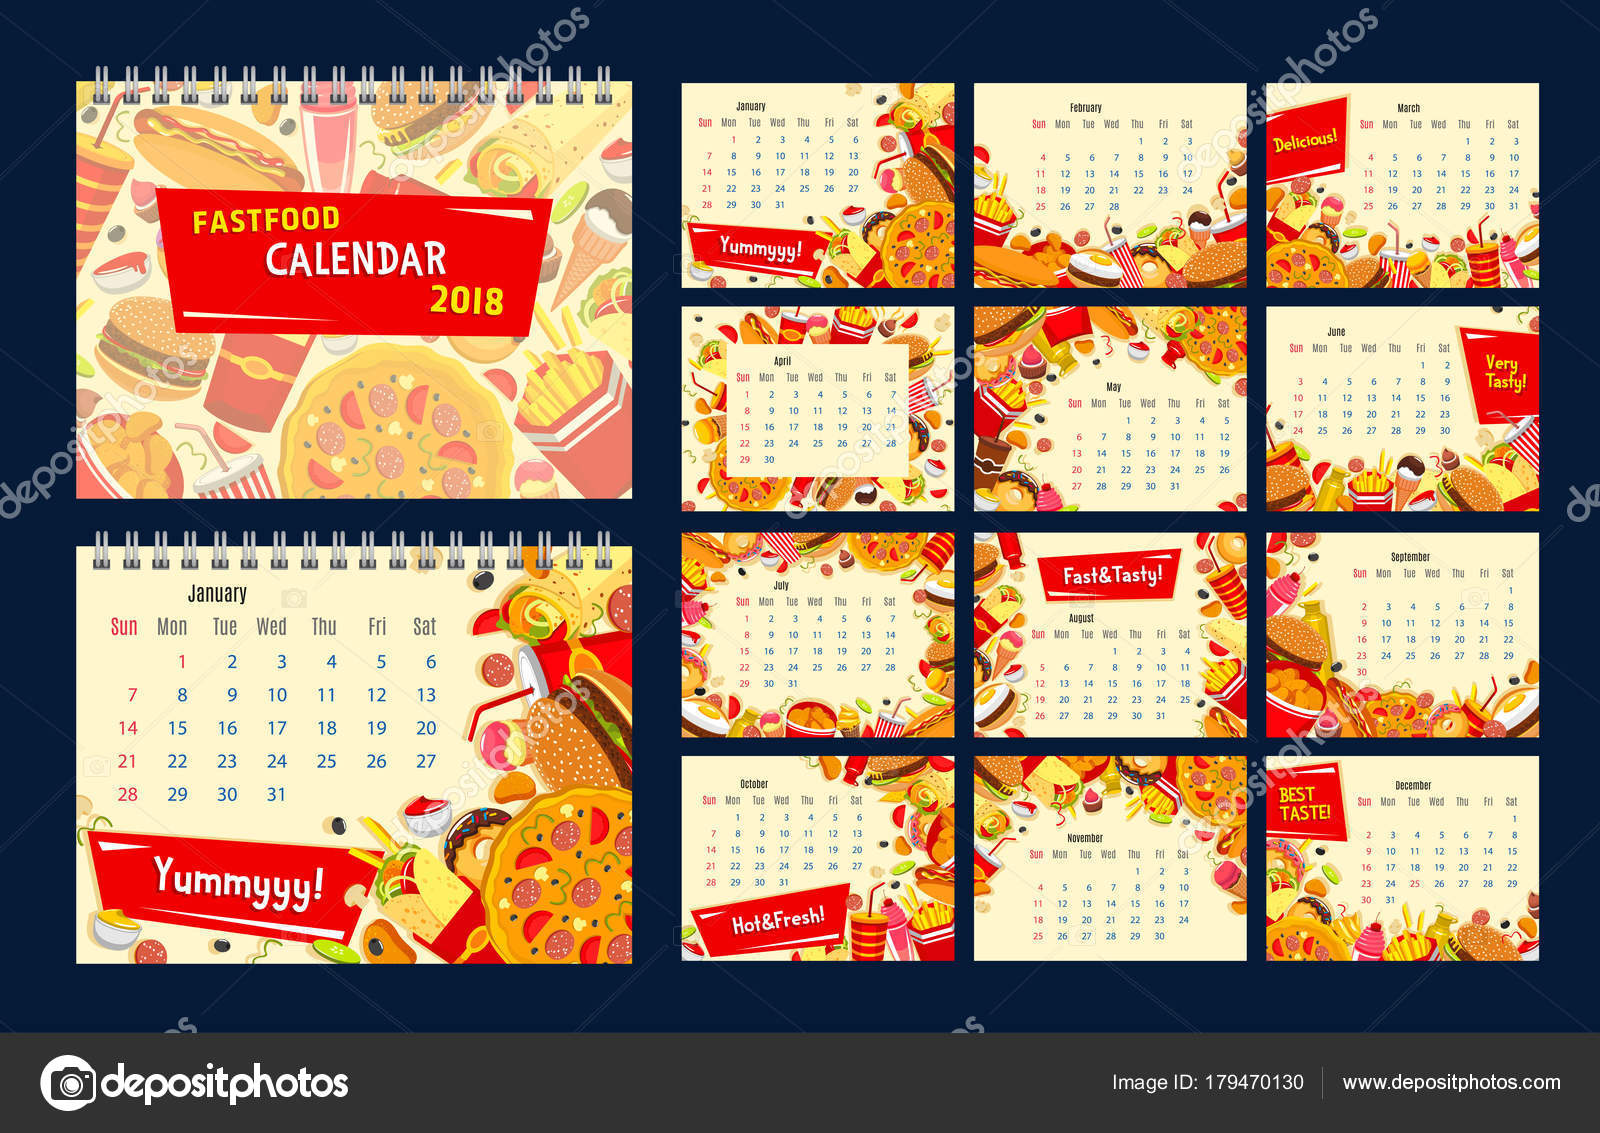 Fast-Food Essen und trinken Jahr Kalendervorlage — Stockvektor ...